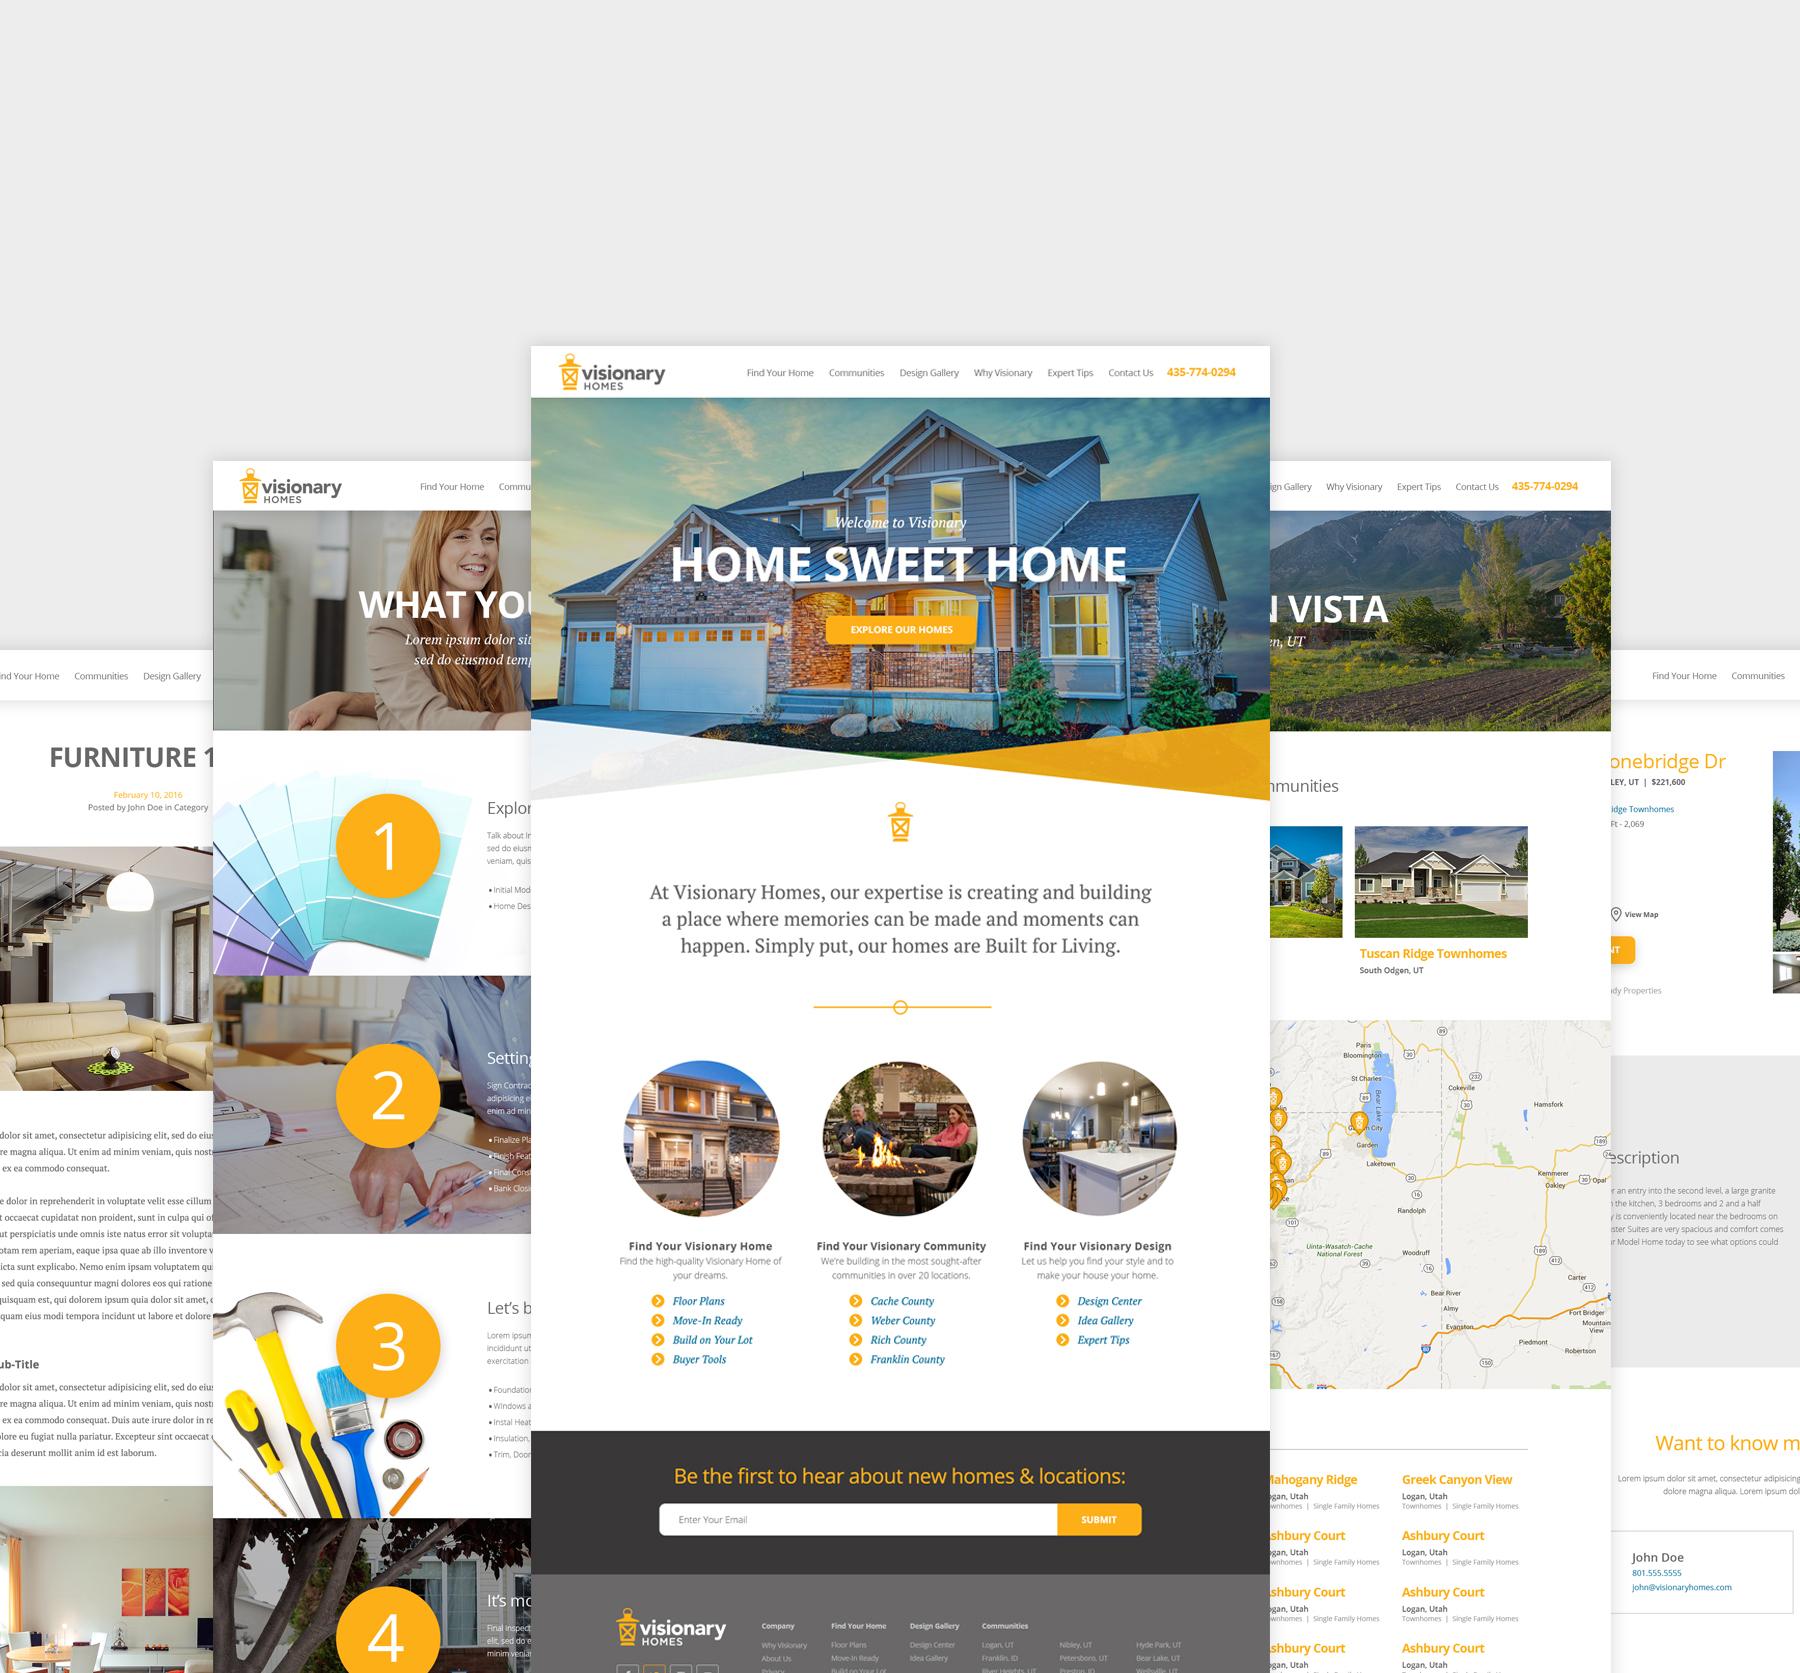 Visionary Homes webpage screenshots